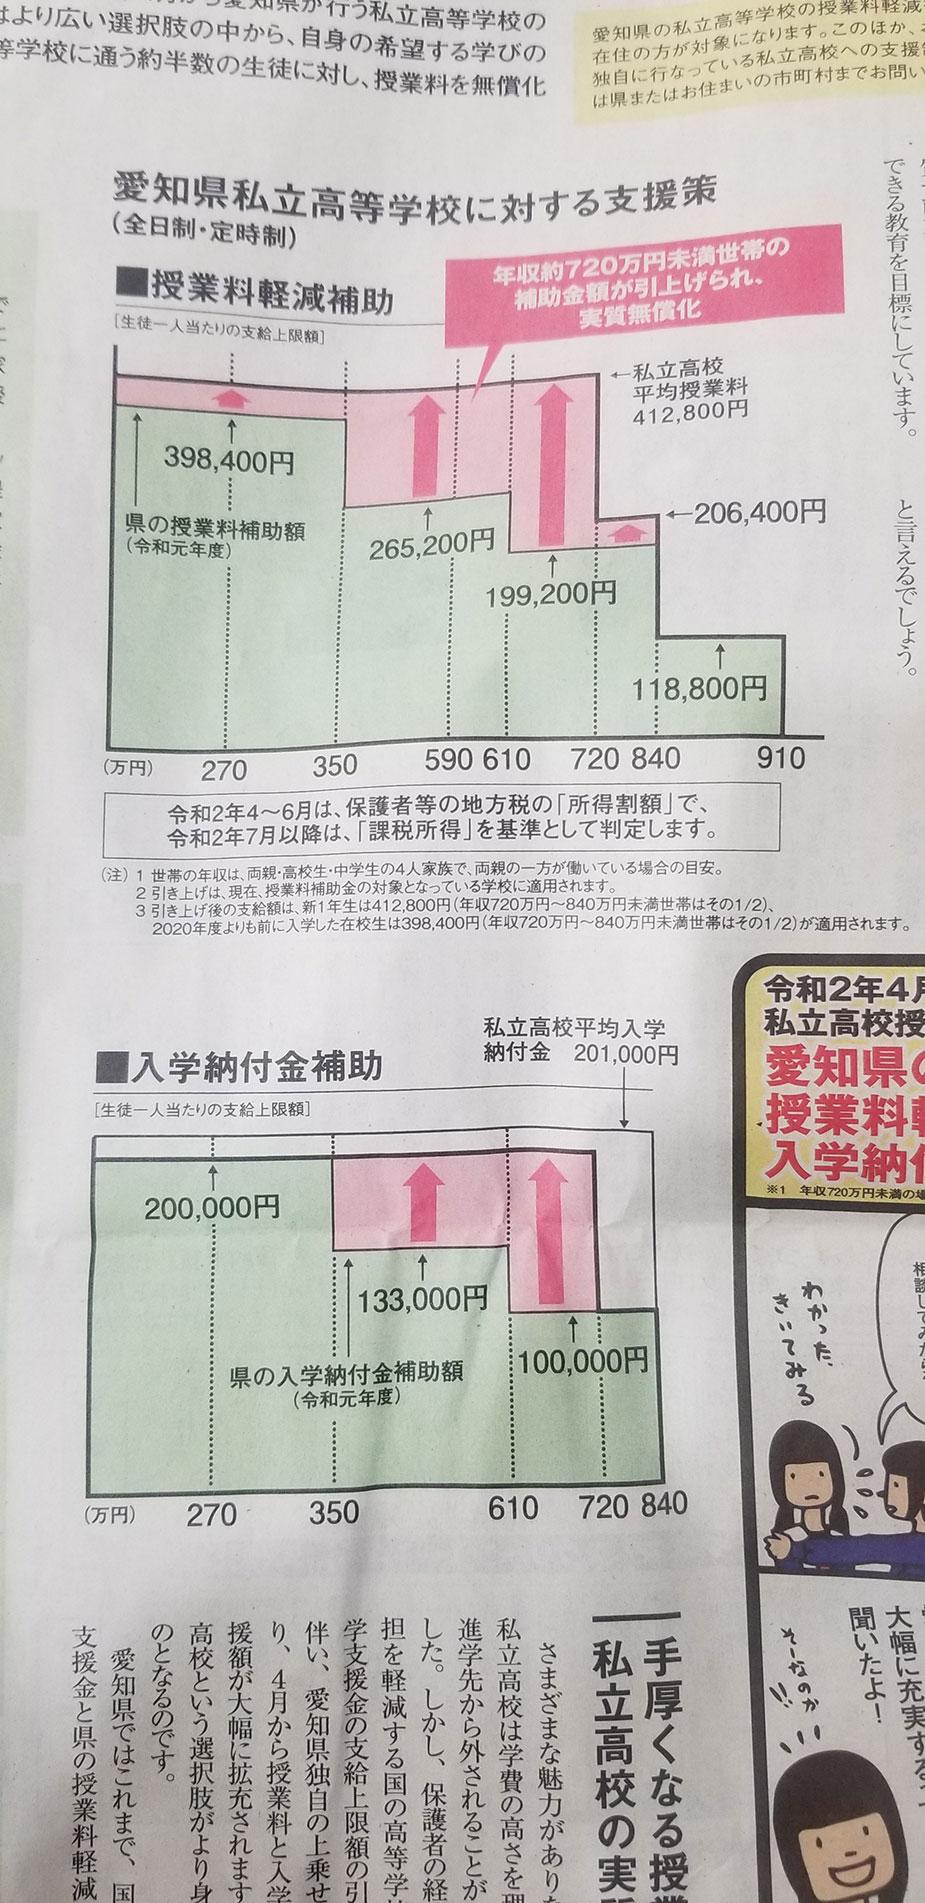 愛知県の私立高校の実質無償化が大きく前進